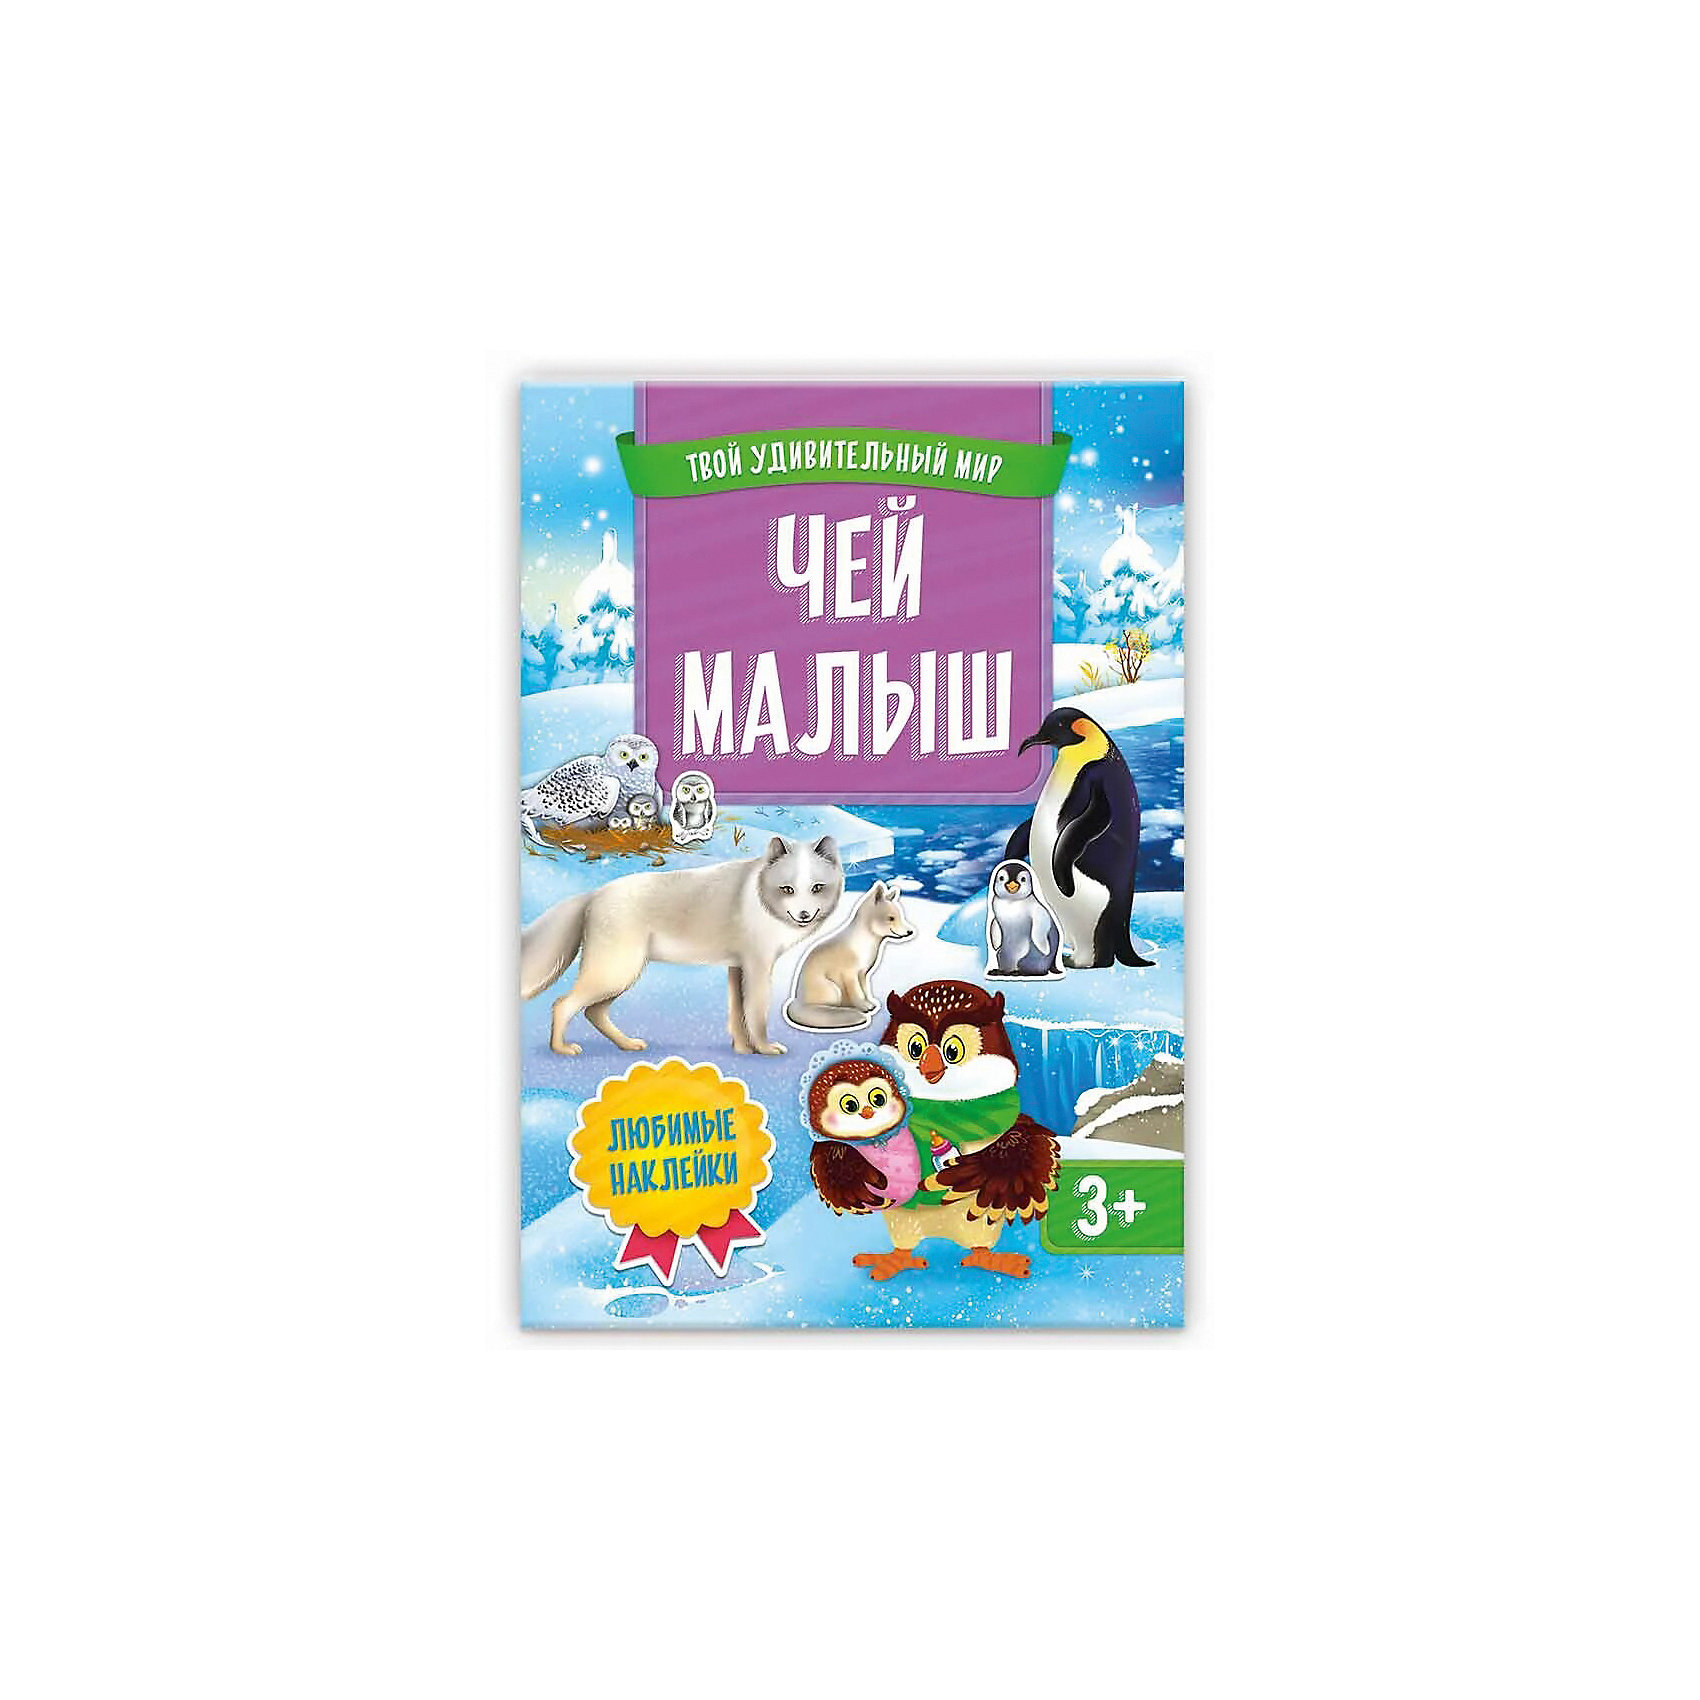 Книжка с наклейками Чей малыш, Твой удивительный мирКниги для развития творческих навыков<br>В продолжение серии «Твой удивительный мир» для детей от 3 лет вышла новая яркая книжка с наклейками ЧЕЙ МАЛЫШ.<br>Ваш ребенок, играя, откроет для себя удивительный мир детенышей животных и птиц. Подсказки внизу страницы помогут вашему малышу выбрать нужные картинки и наклеить детенышей рядом с их родителями.<br>Мягкий переплет.<br><br>Ширина мм: 215<br>Глубина мм: 297<br>Высота мм: 3<br>Вес г: 110<br>Возраст от месяцев: 36<br>Возраст до месяцев: 84<br>Пол: Унисекс<br>Возраст: Детский<br>SKU: 5423041